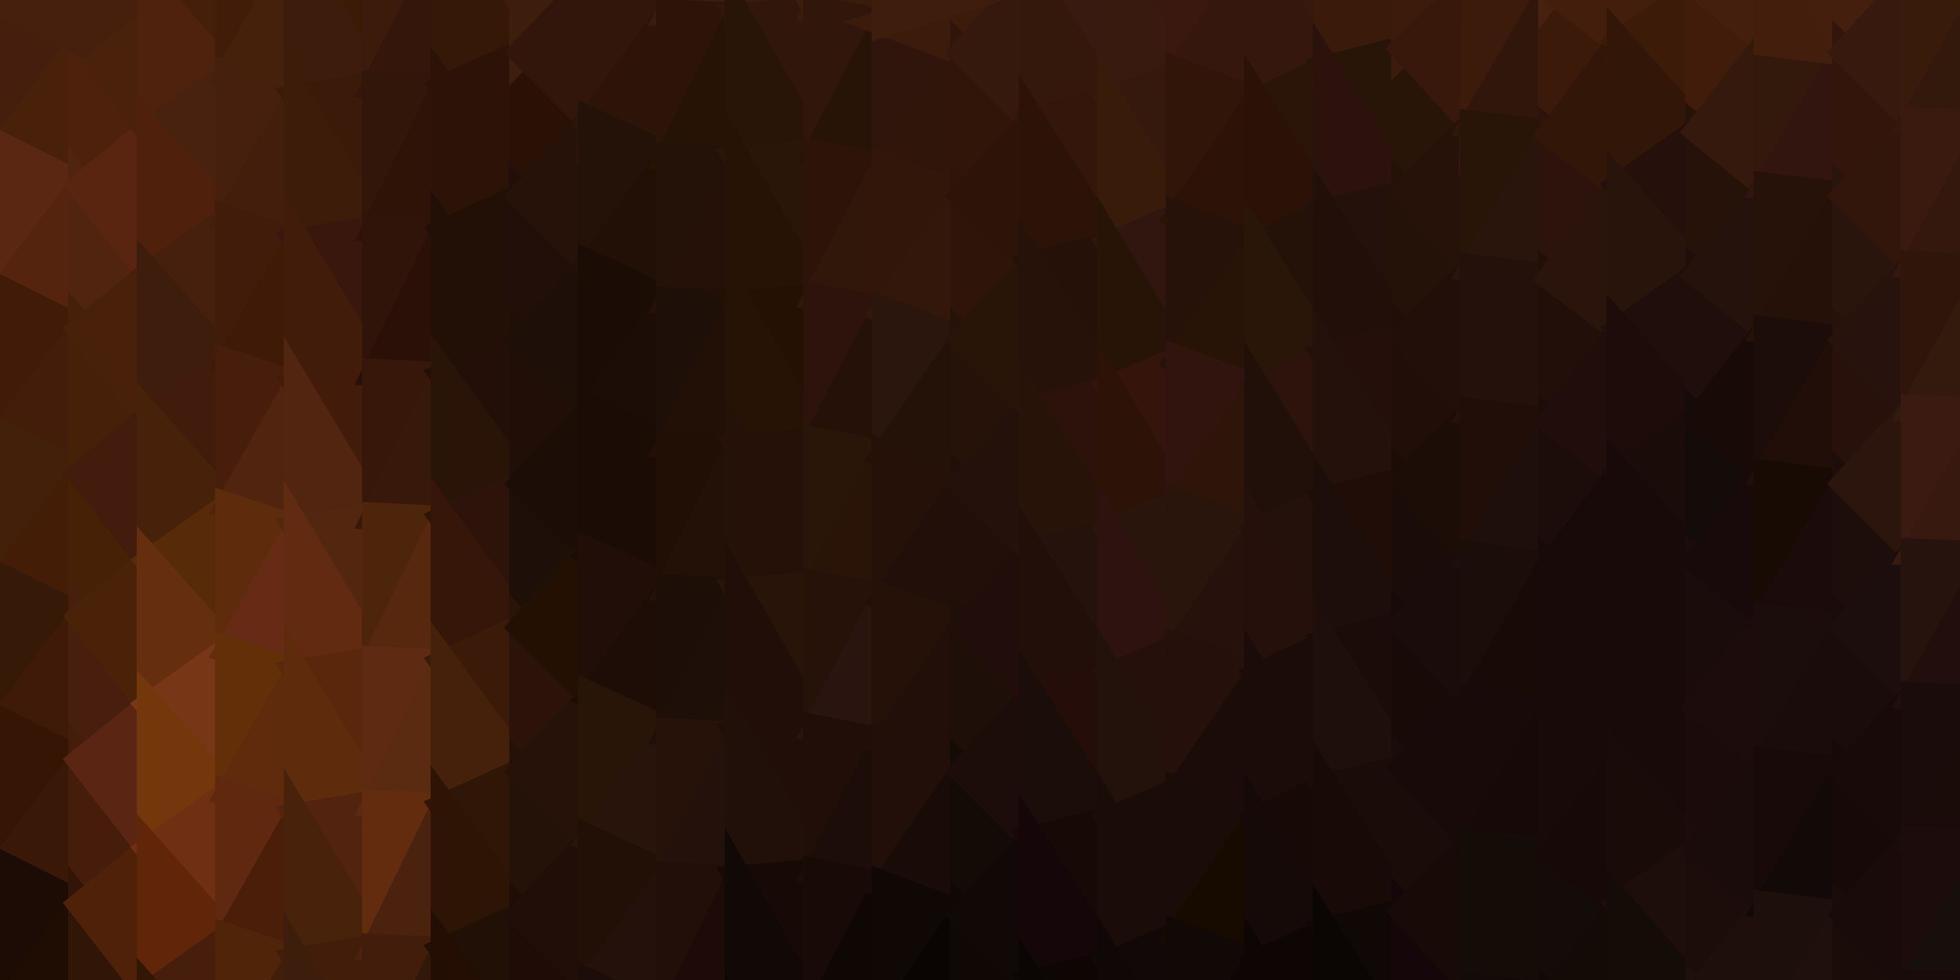 toile de fond triangle abstrait vecteur marron foncé.